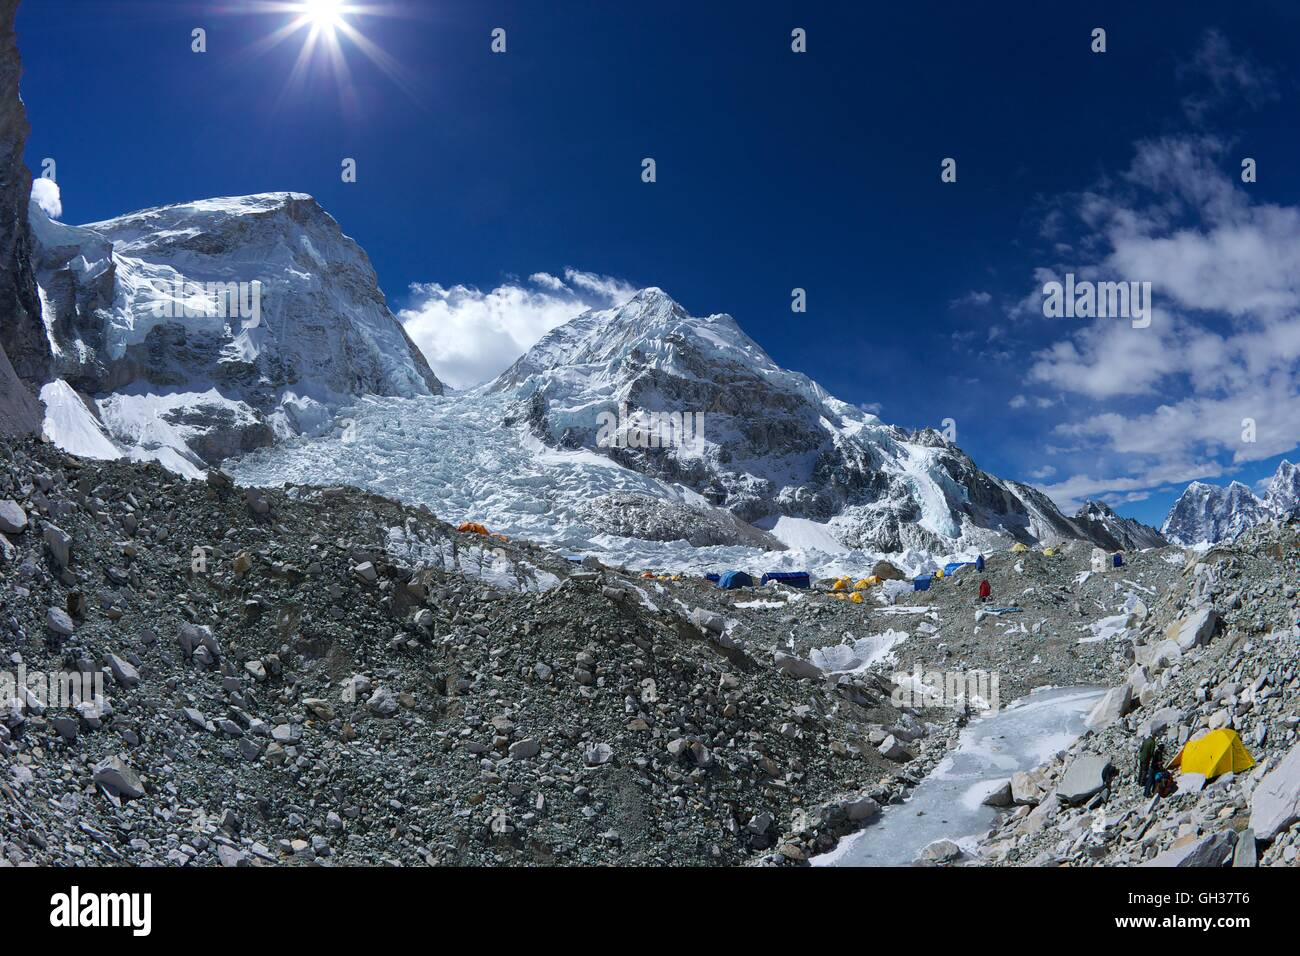 Khumbu icefall from Everest Base Camp, Sagarmatha National Park, Solukhumbu District, Nepal, Asia - Stock Image